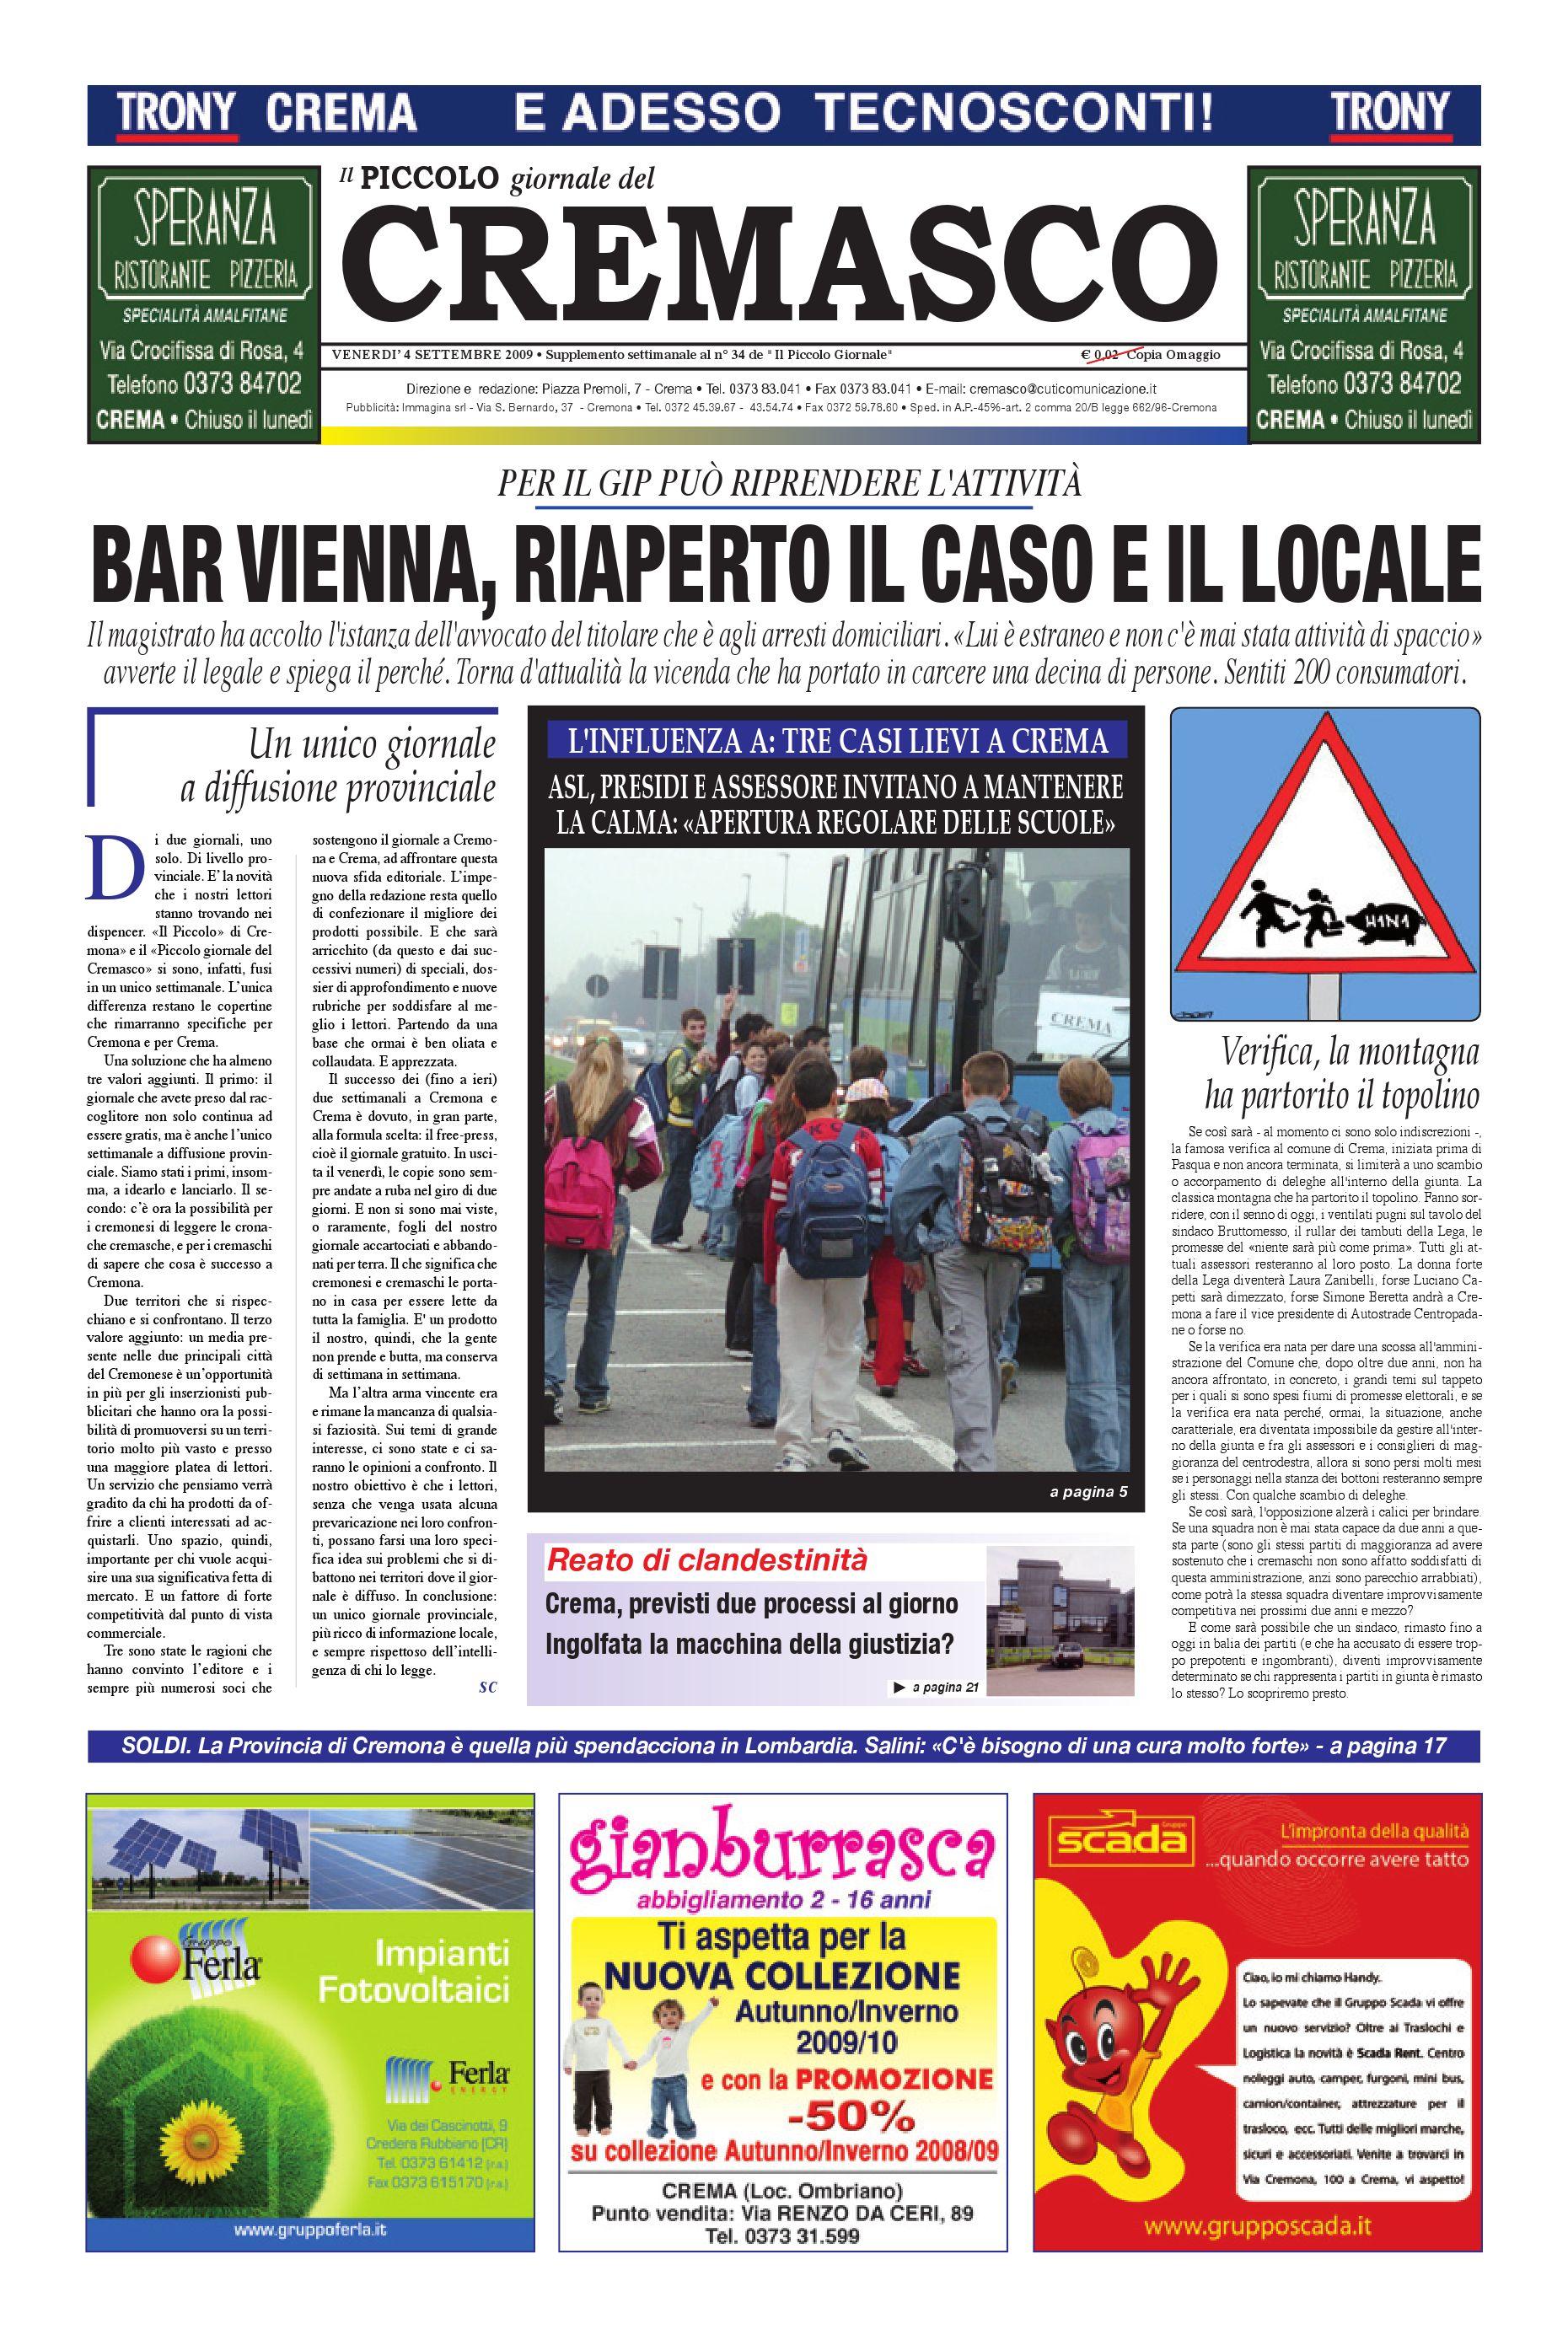 Il PIccolo del Cremasco by promedia promedia - issuu 3b4d2669f7e